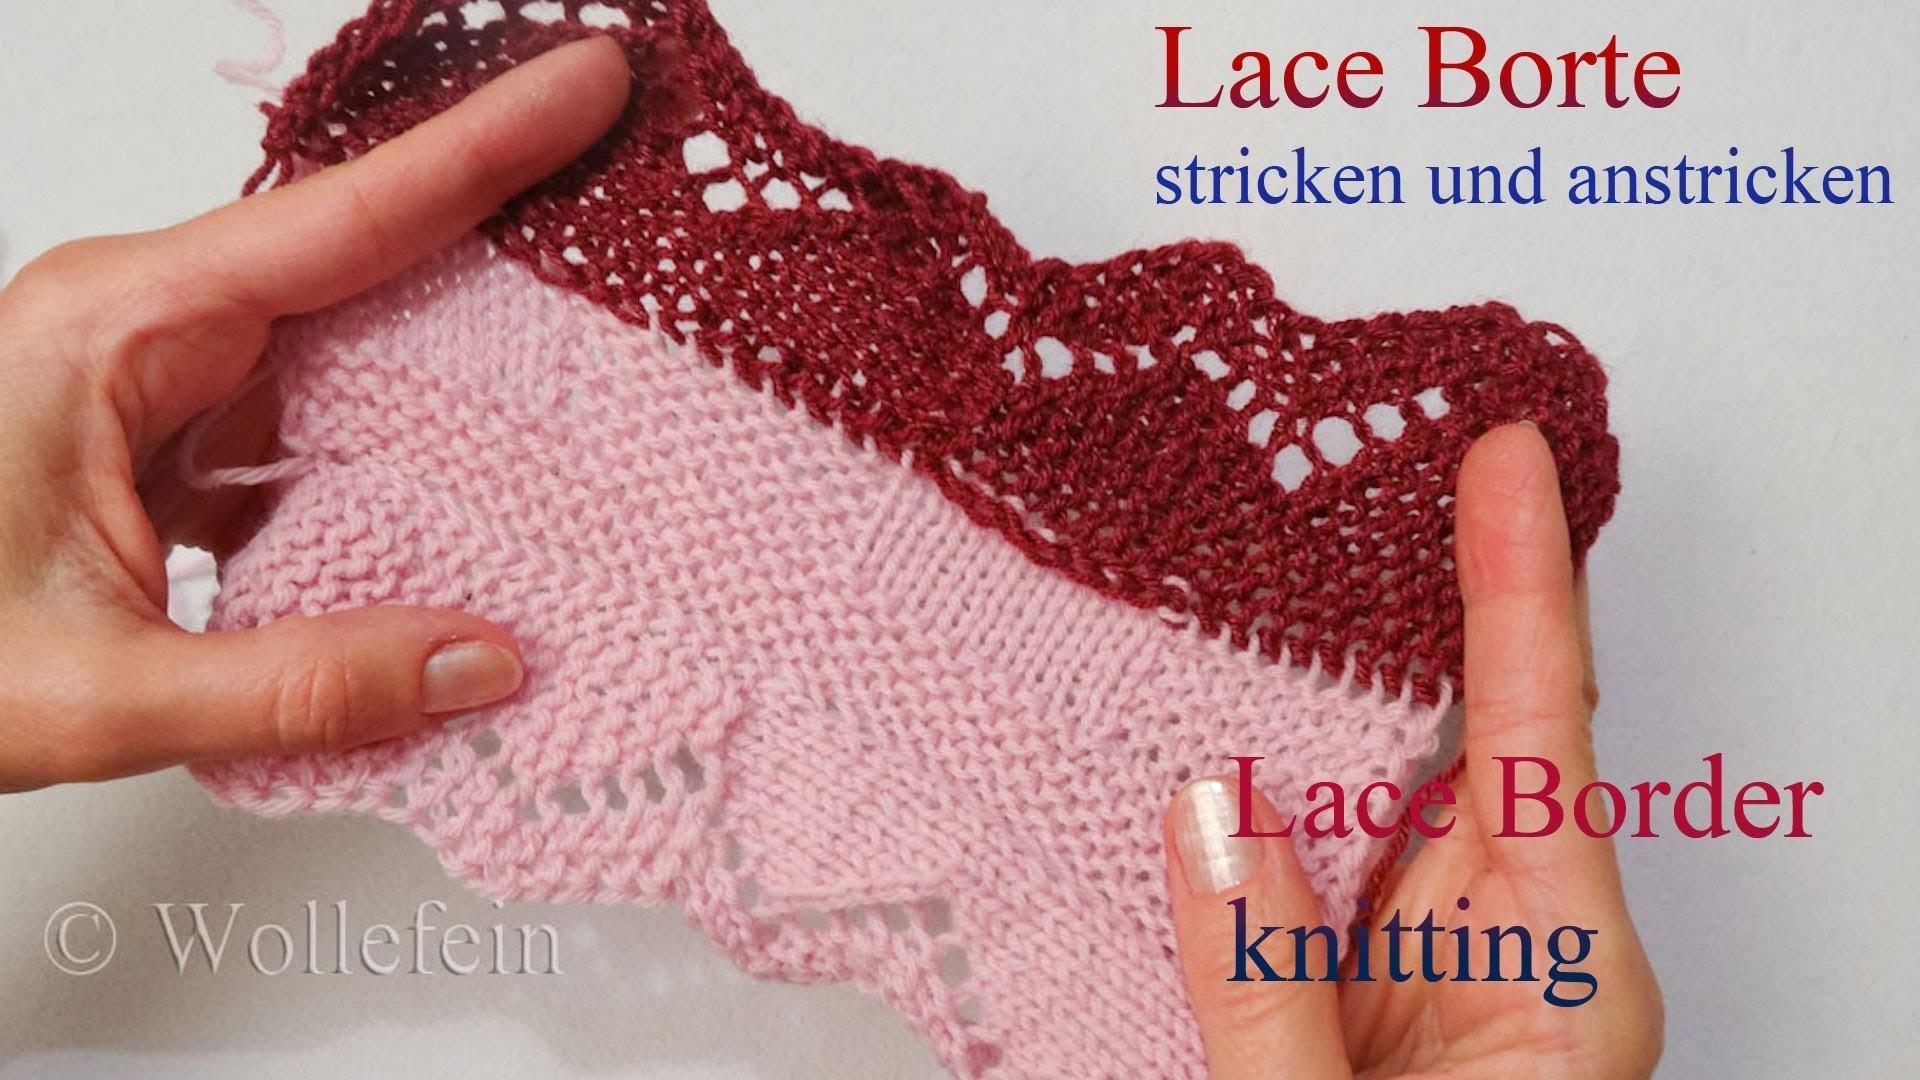 Lace Bordüre stricken und anstricken - Knitting on Lace Border 3